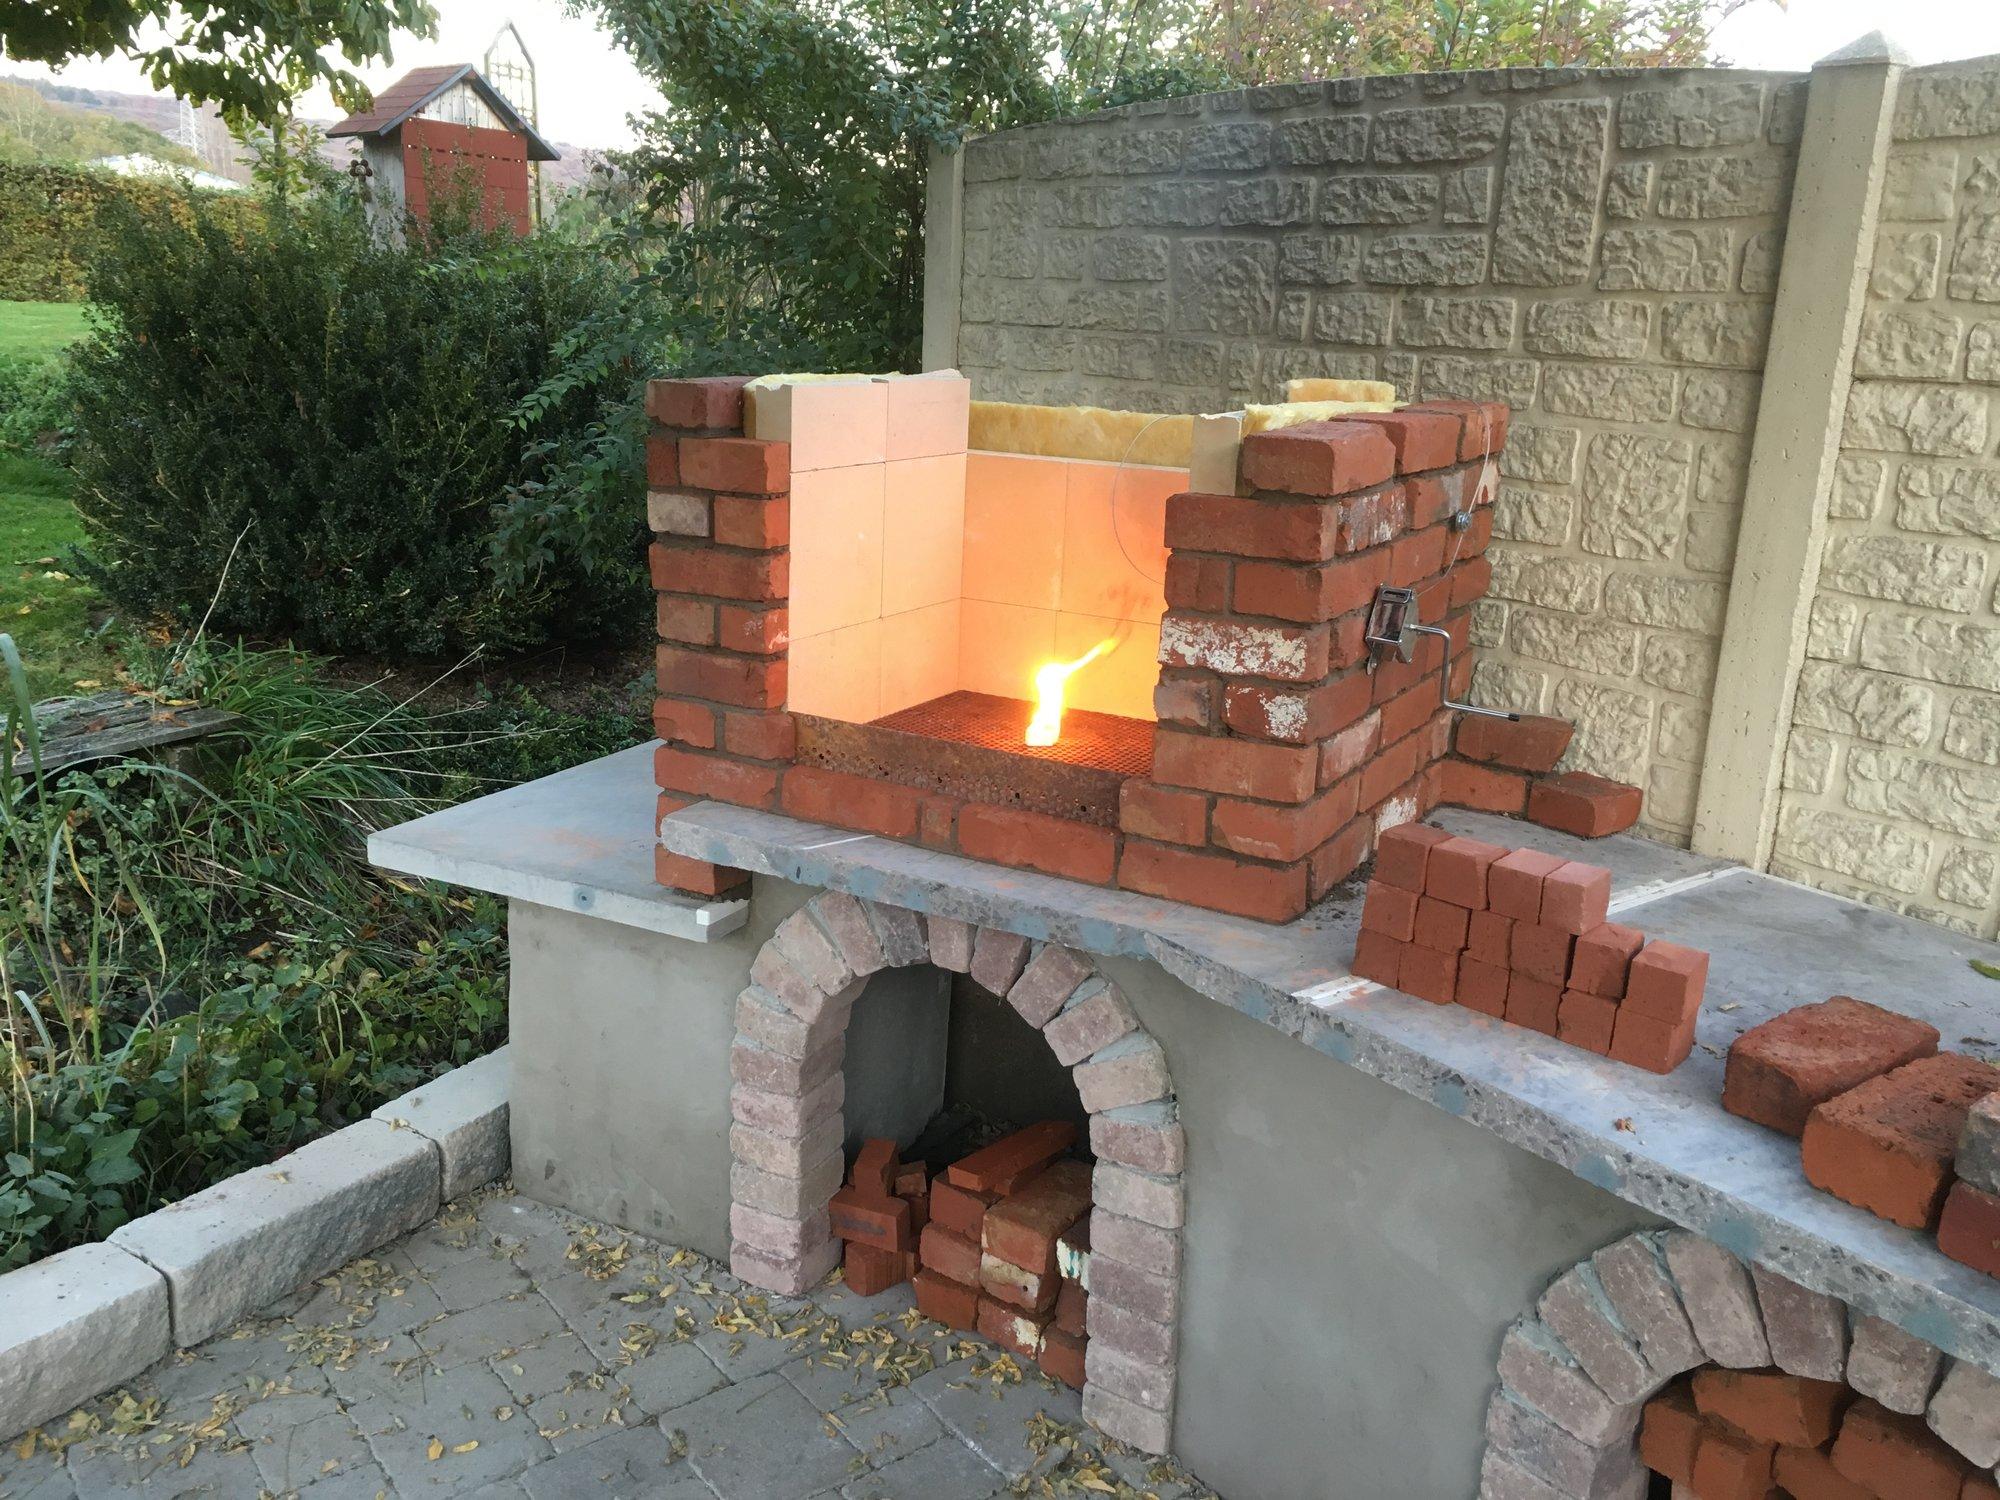 Außenküche Selber Bauen Grillsportverein : Ein gartenhaus für den grillsportverein